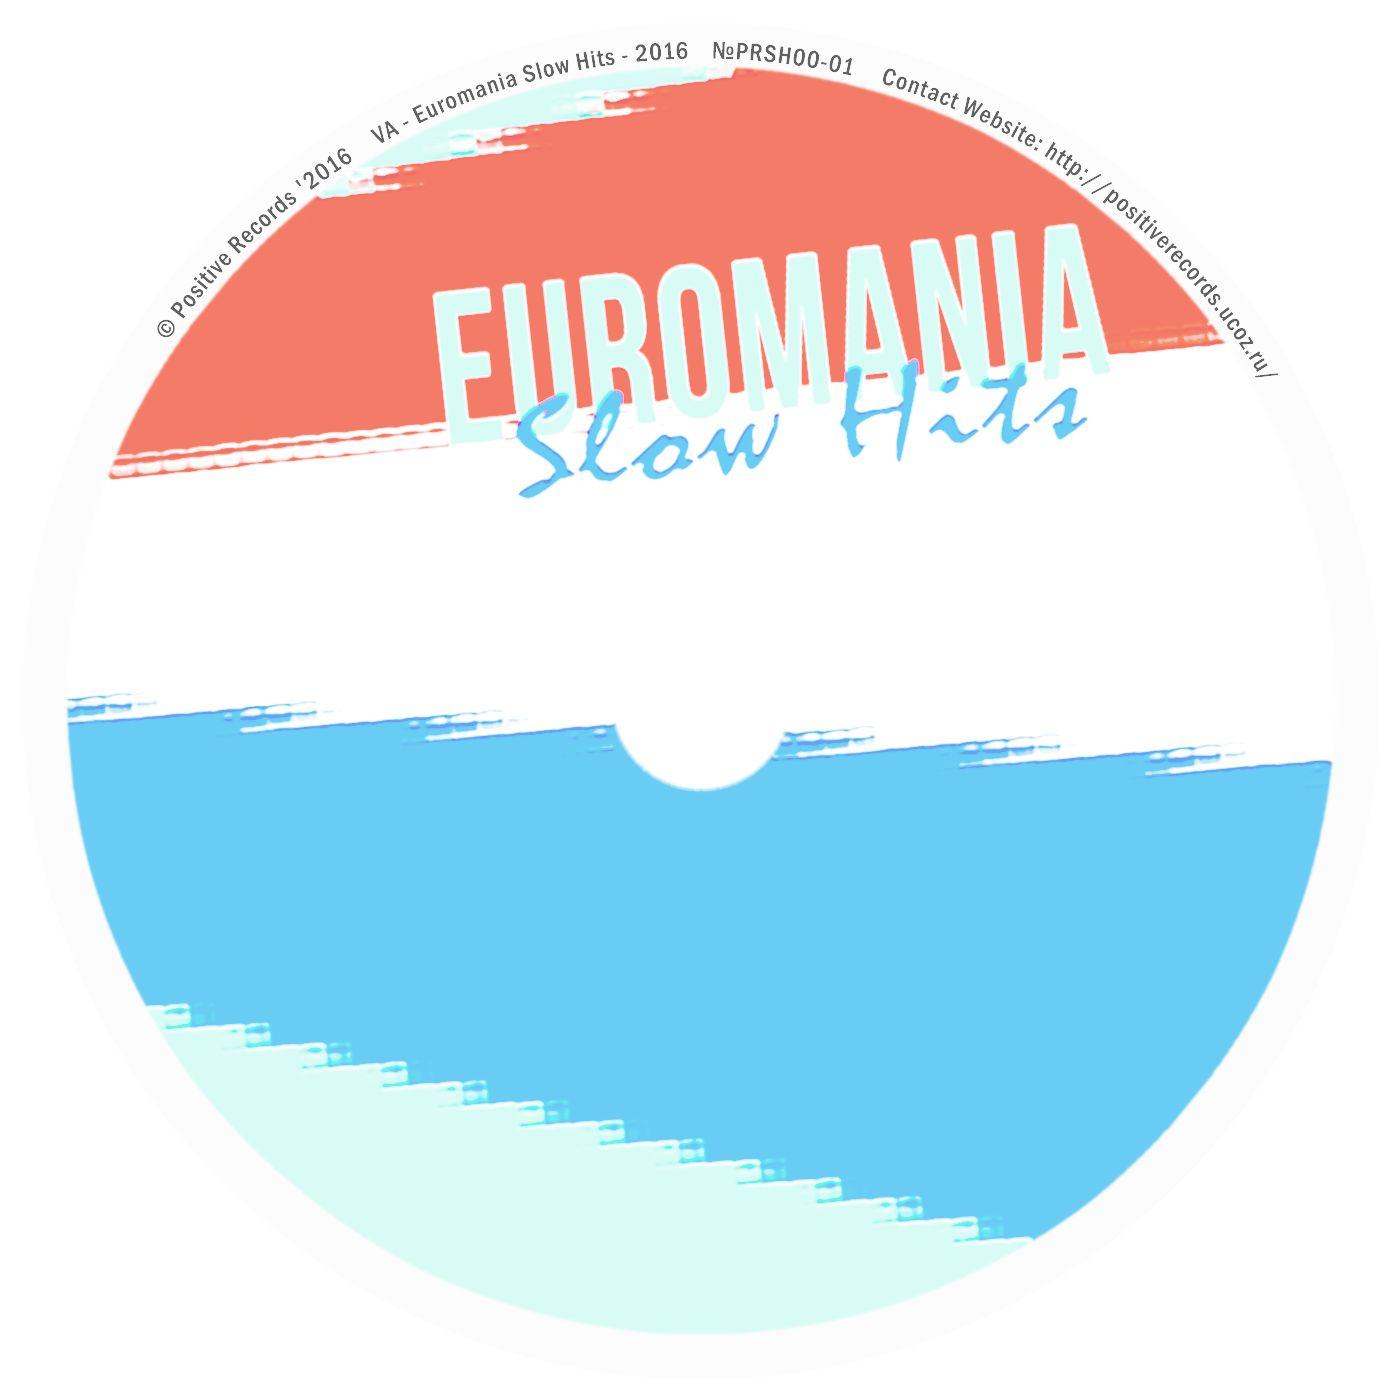 VA - Euromania Slow Hits vol 1-3 (2016)